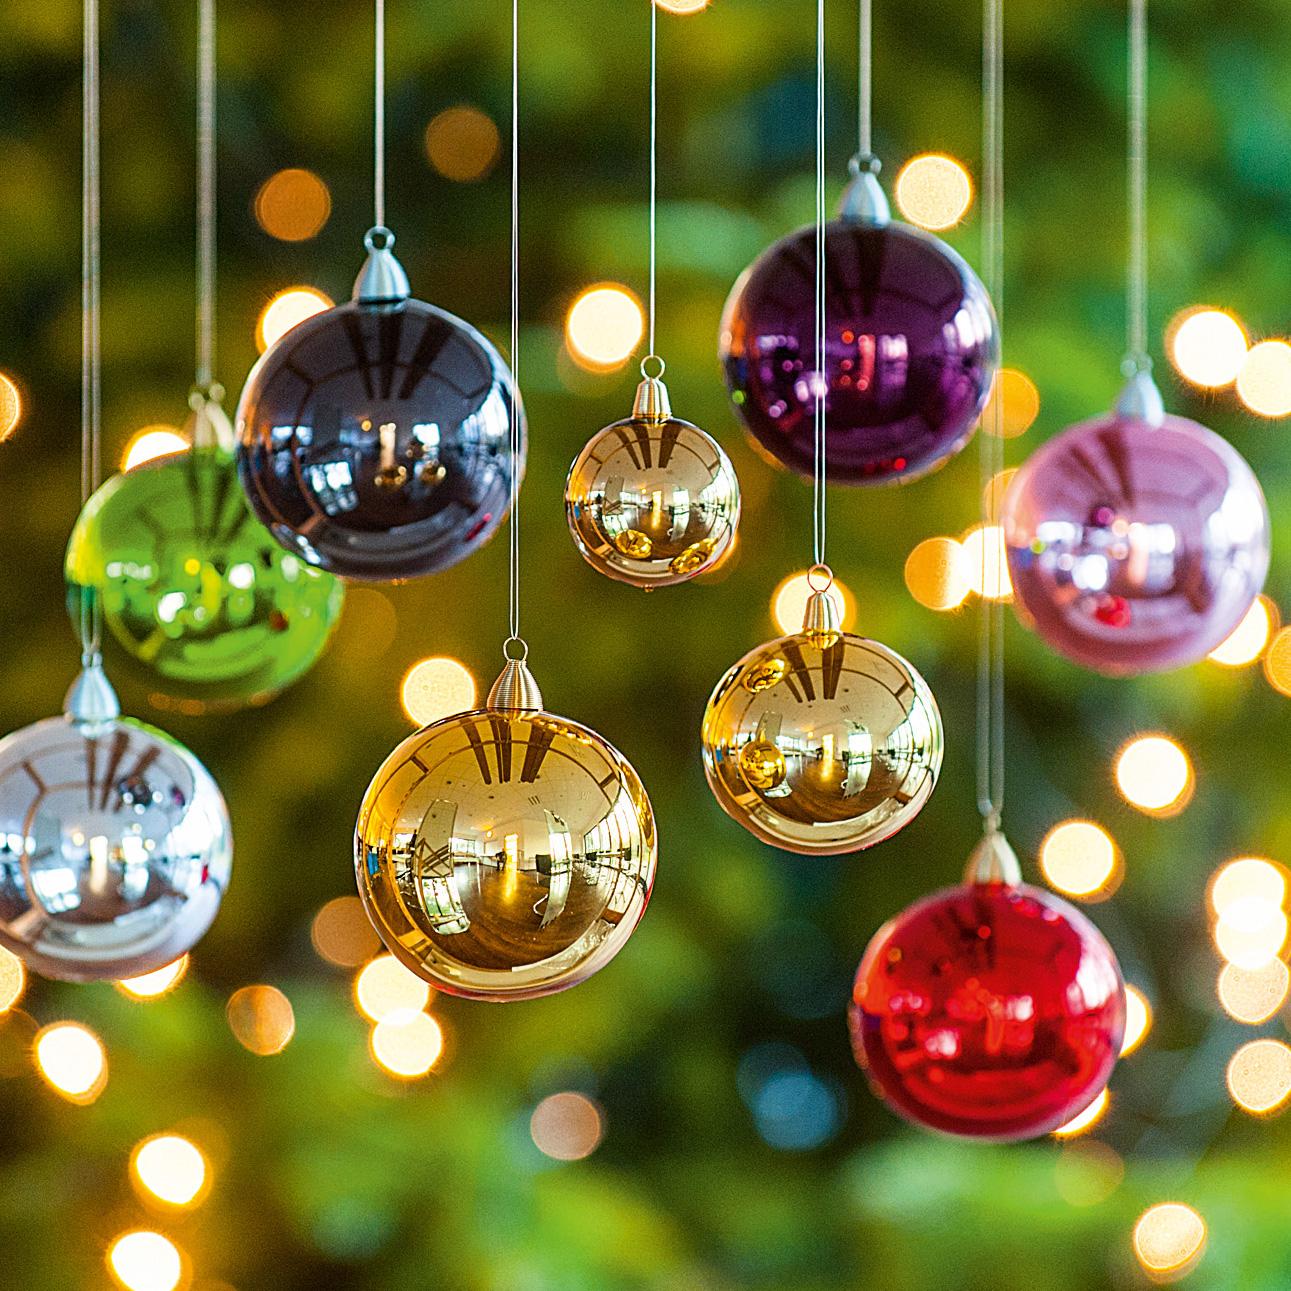 4 Lauschaer Weihnachtskugeln 10 cm bei Torquato.de